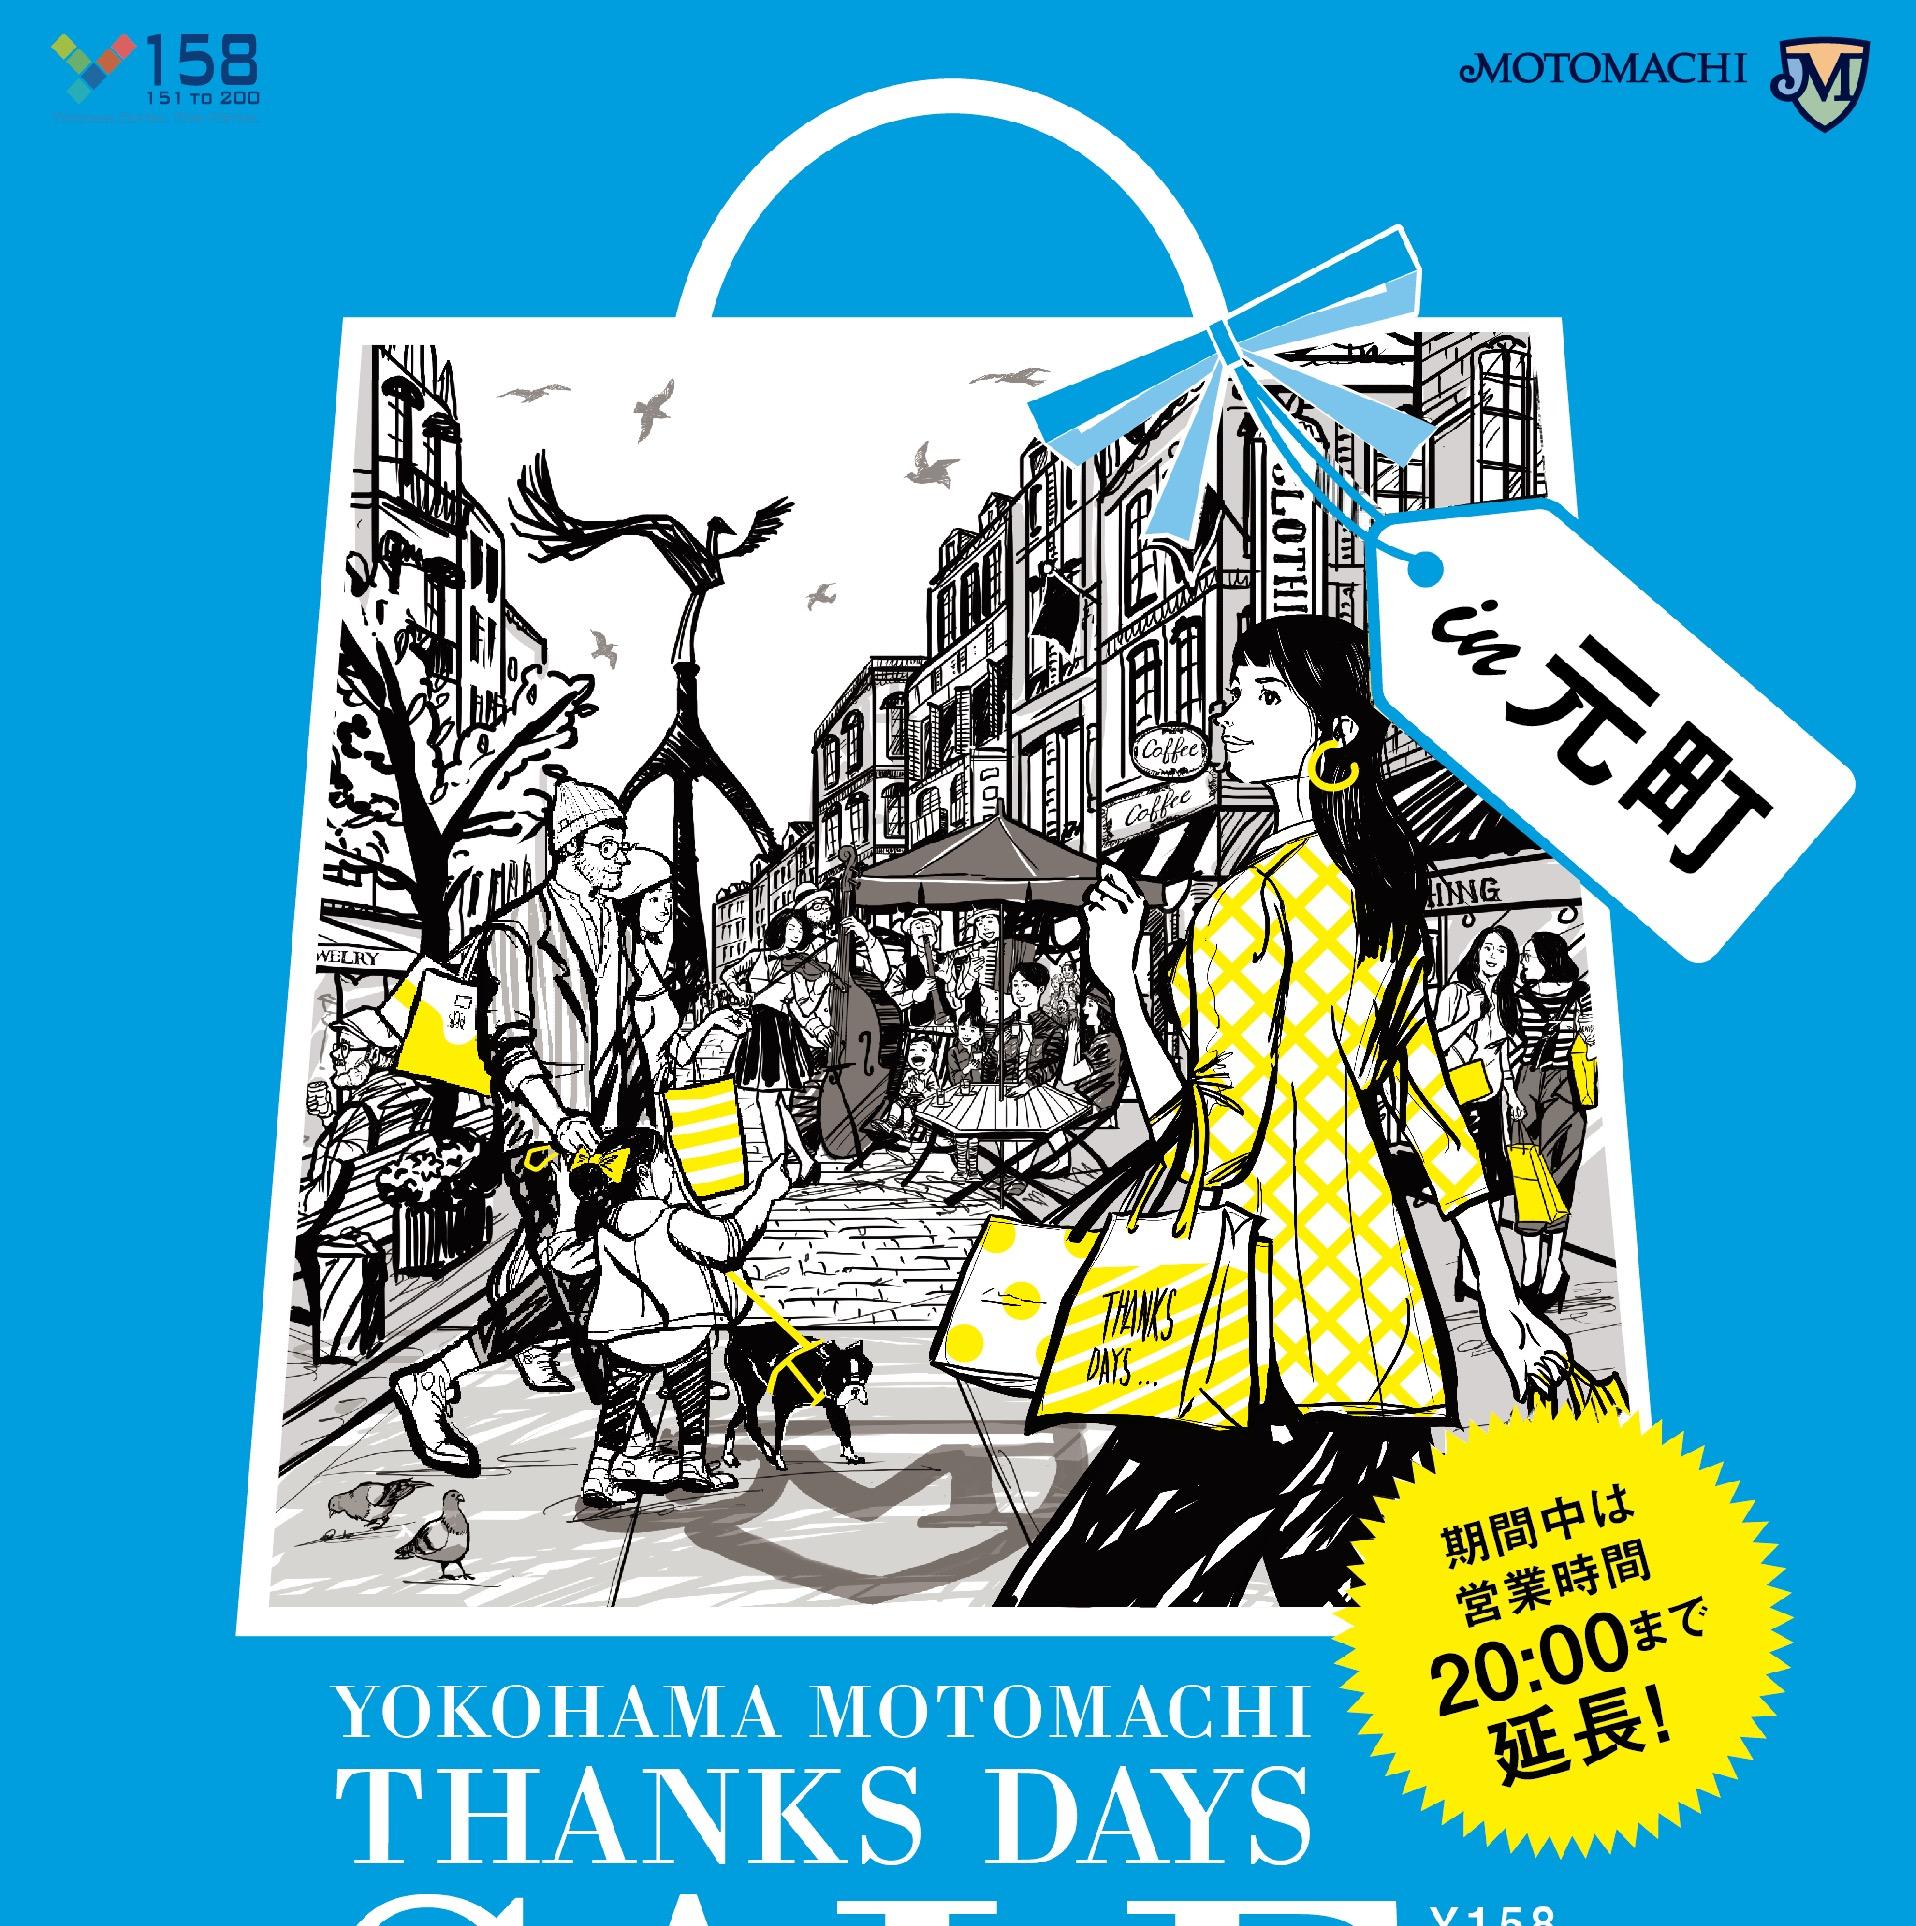 元町 Thanks Days 2017 イラスト